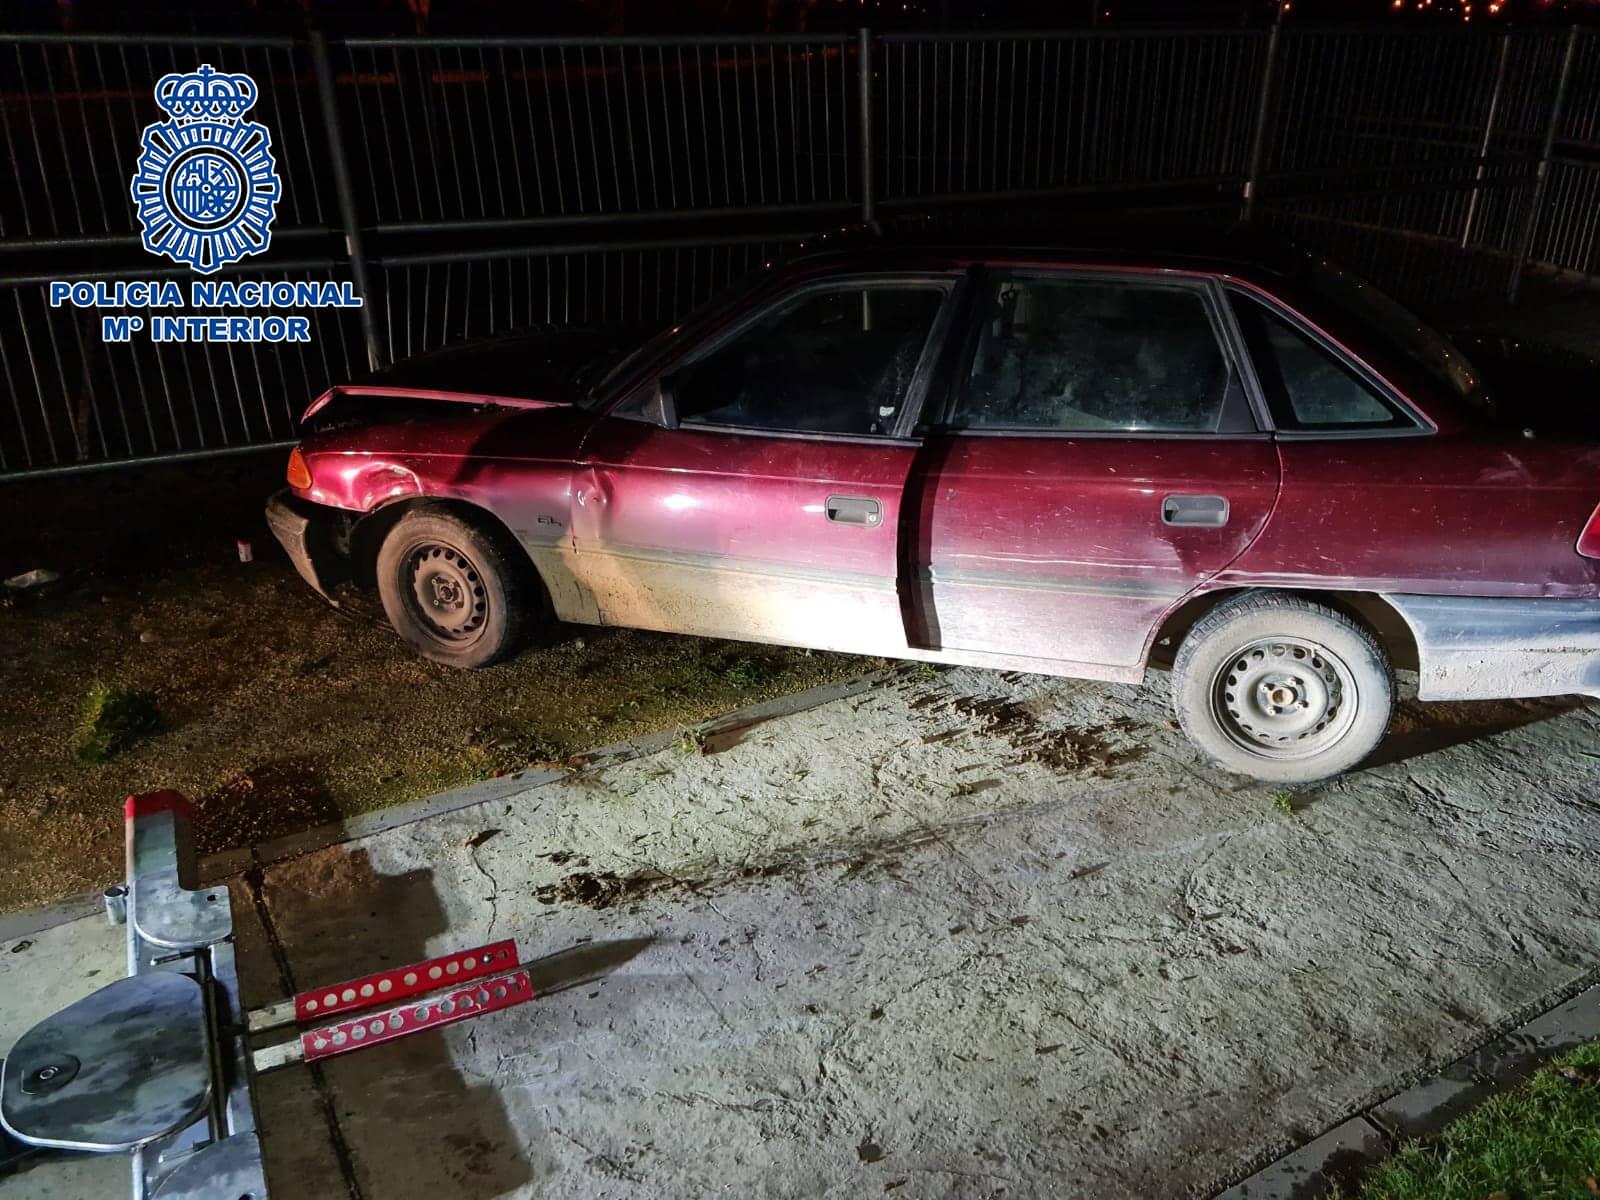 Detenida una joven de 20 años tras una persecución a bordo de un vehículo sustraído en Villamediana 1